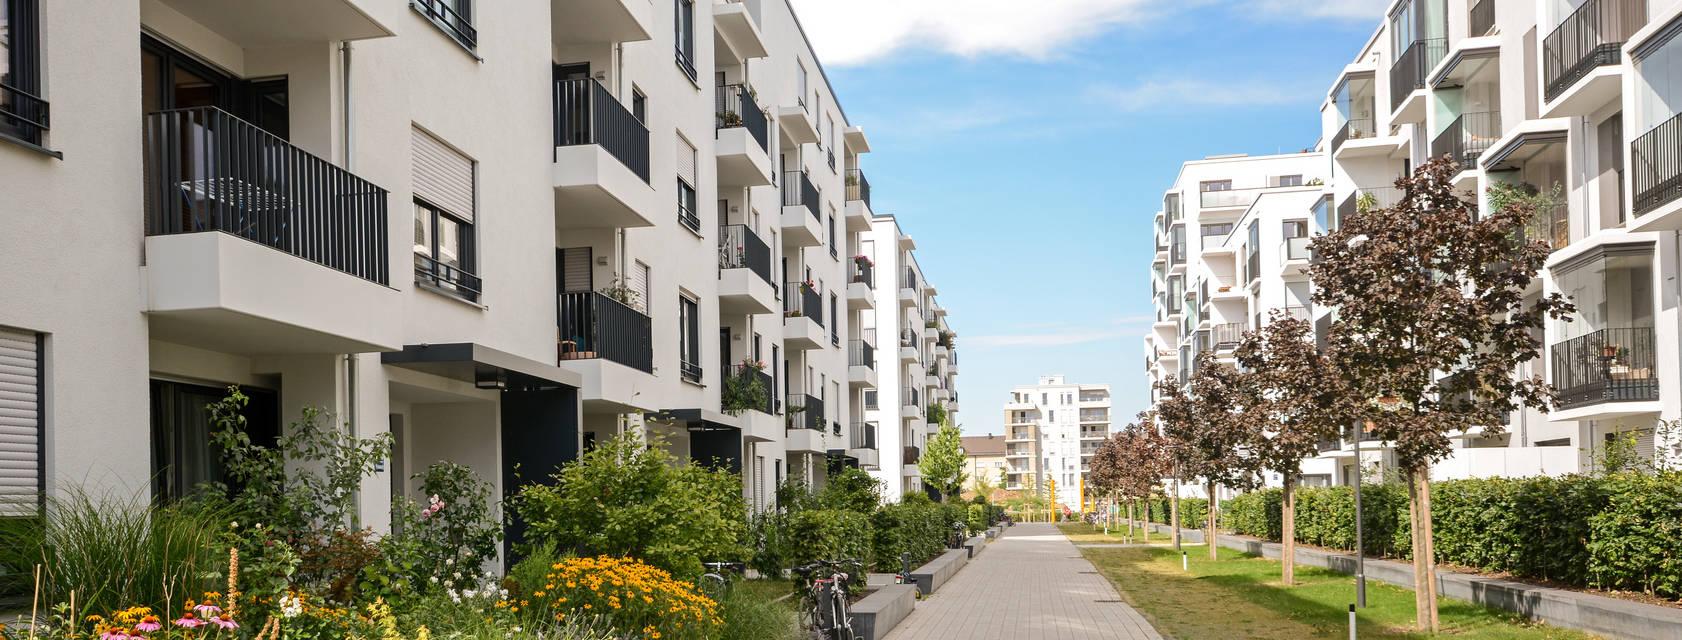 Hausmeisterservice für Apartments und WE-Gemeinschaften